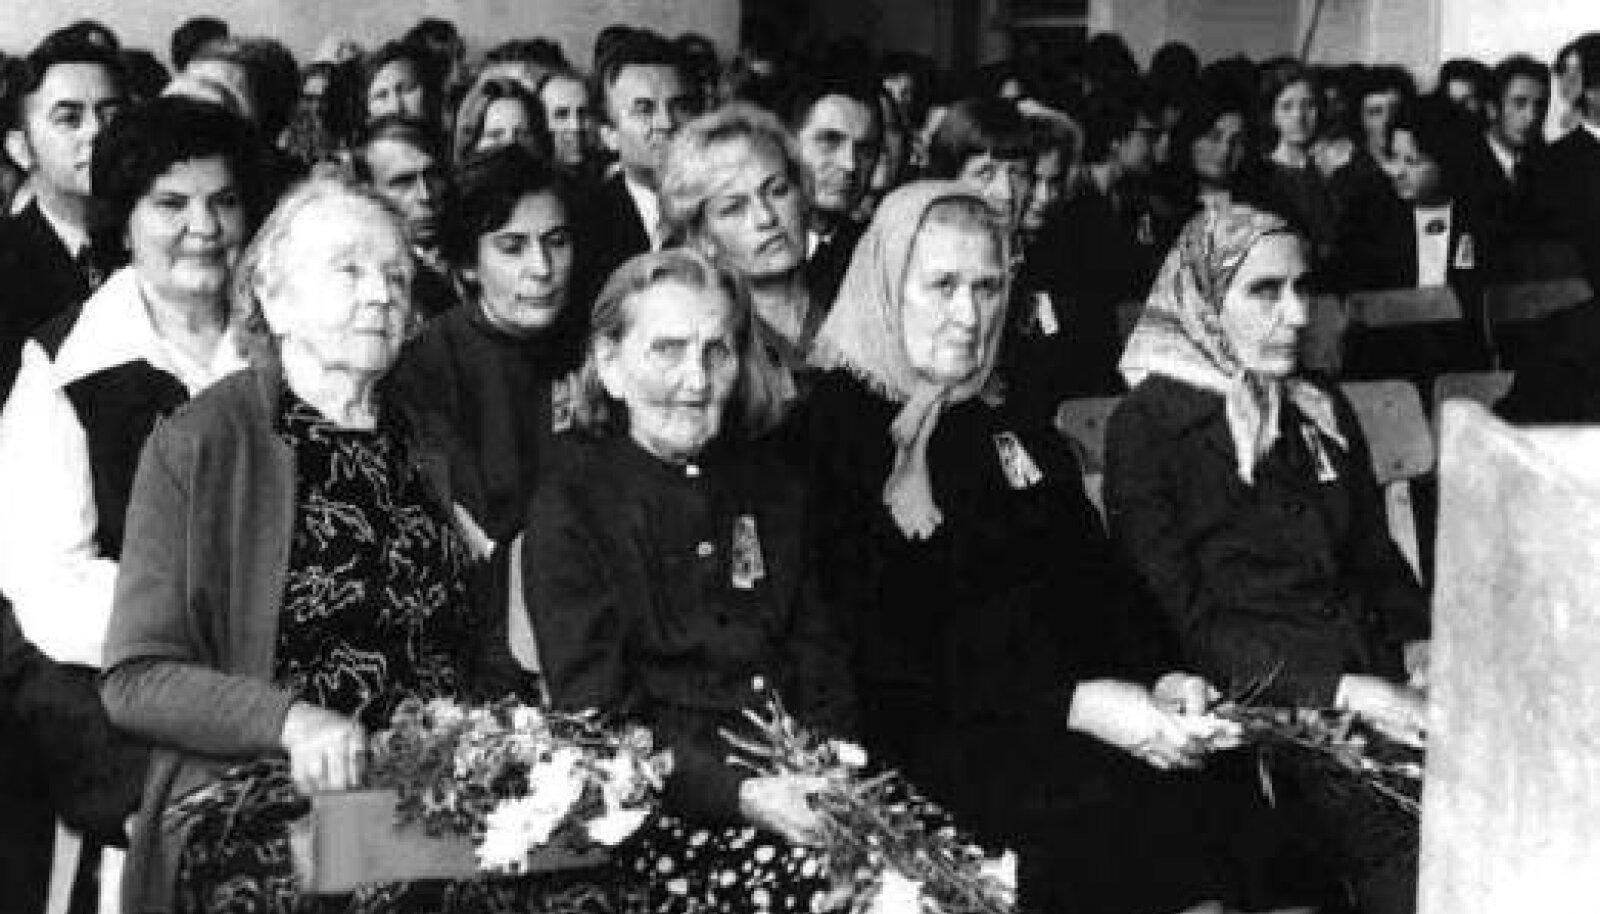 1974. aastal Häädemeeste kooli 100. juubelisünnipäeval. Esireas vasakult: Sinaida Allmere, Elisabet Laredei, Liide Arula, Marta Mäesalu. Teine rida: Liidia Rips (Häädemeeste kooli direktor 1952–1962), Asta Song, Leida Kallas